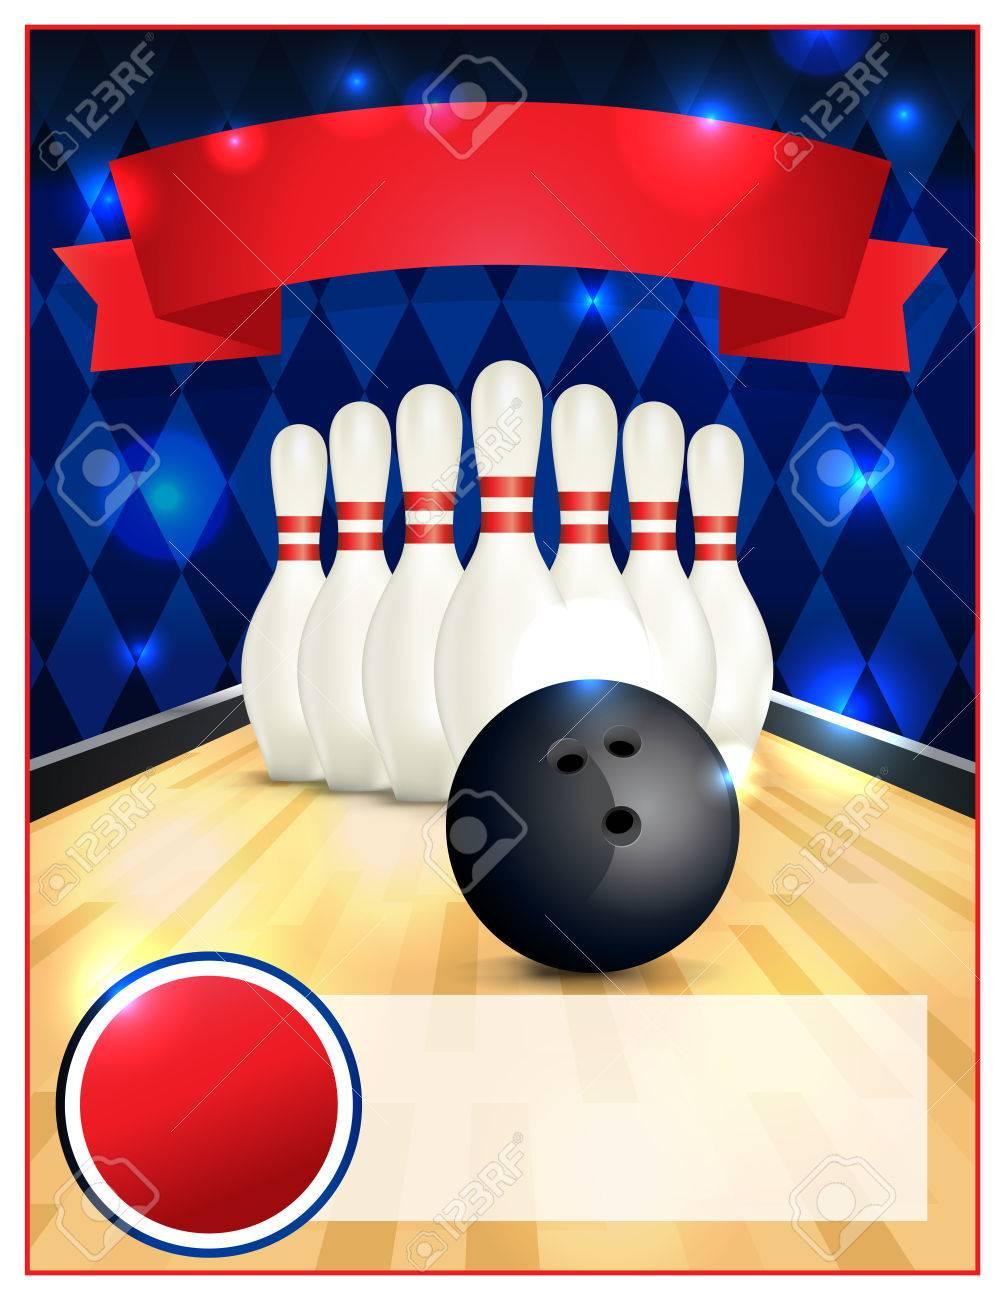 un modele vierge de bowling flyer grand pour les fetes d anniversaire des ligues de bowling et des tournois